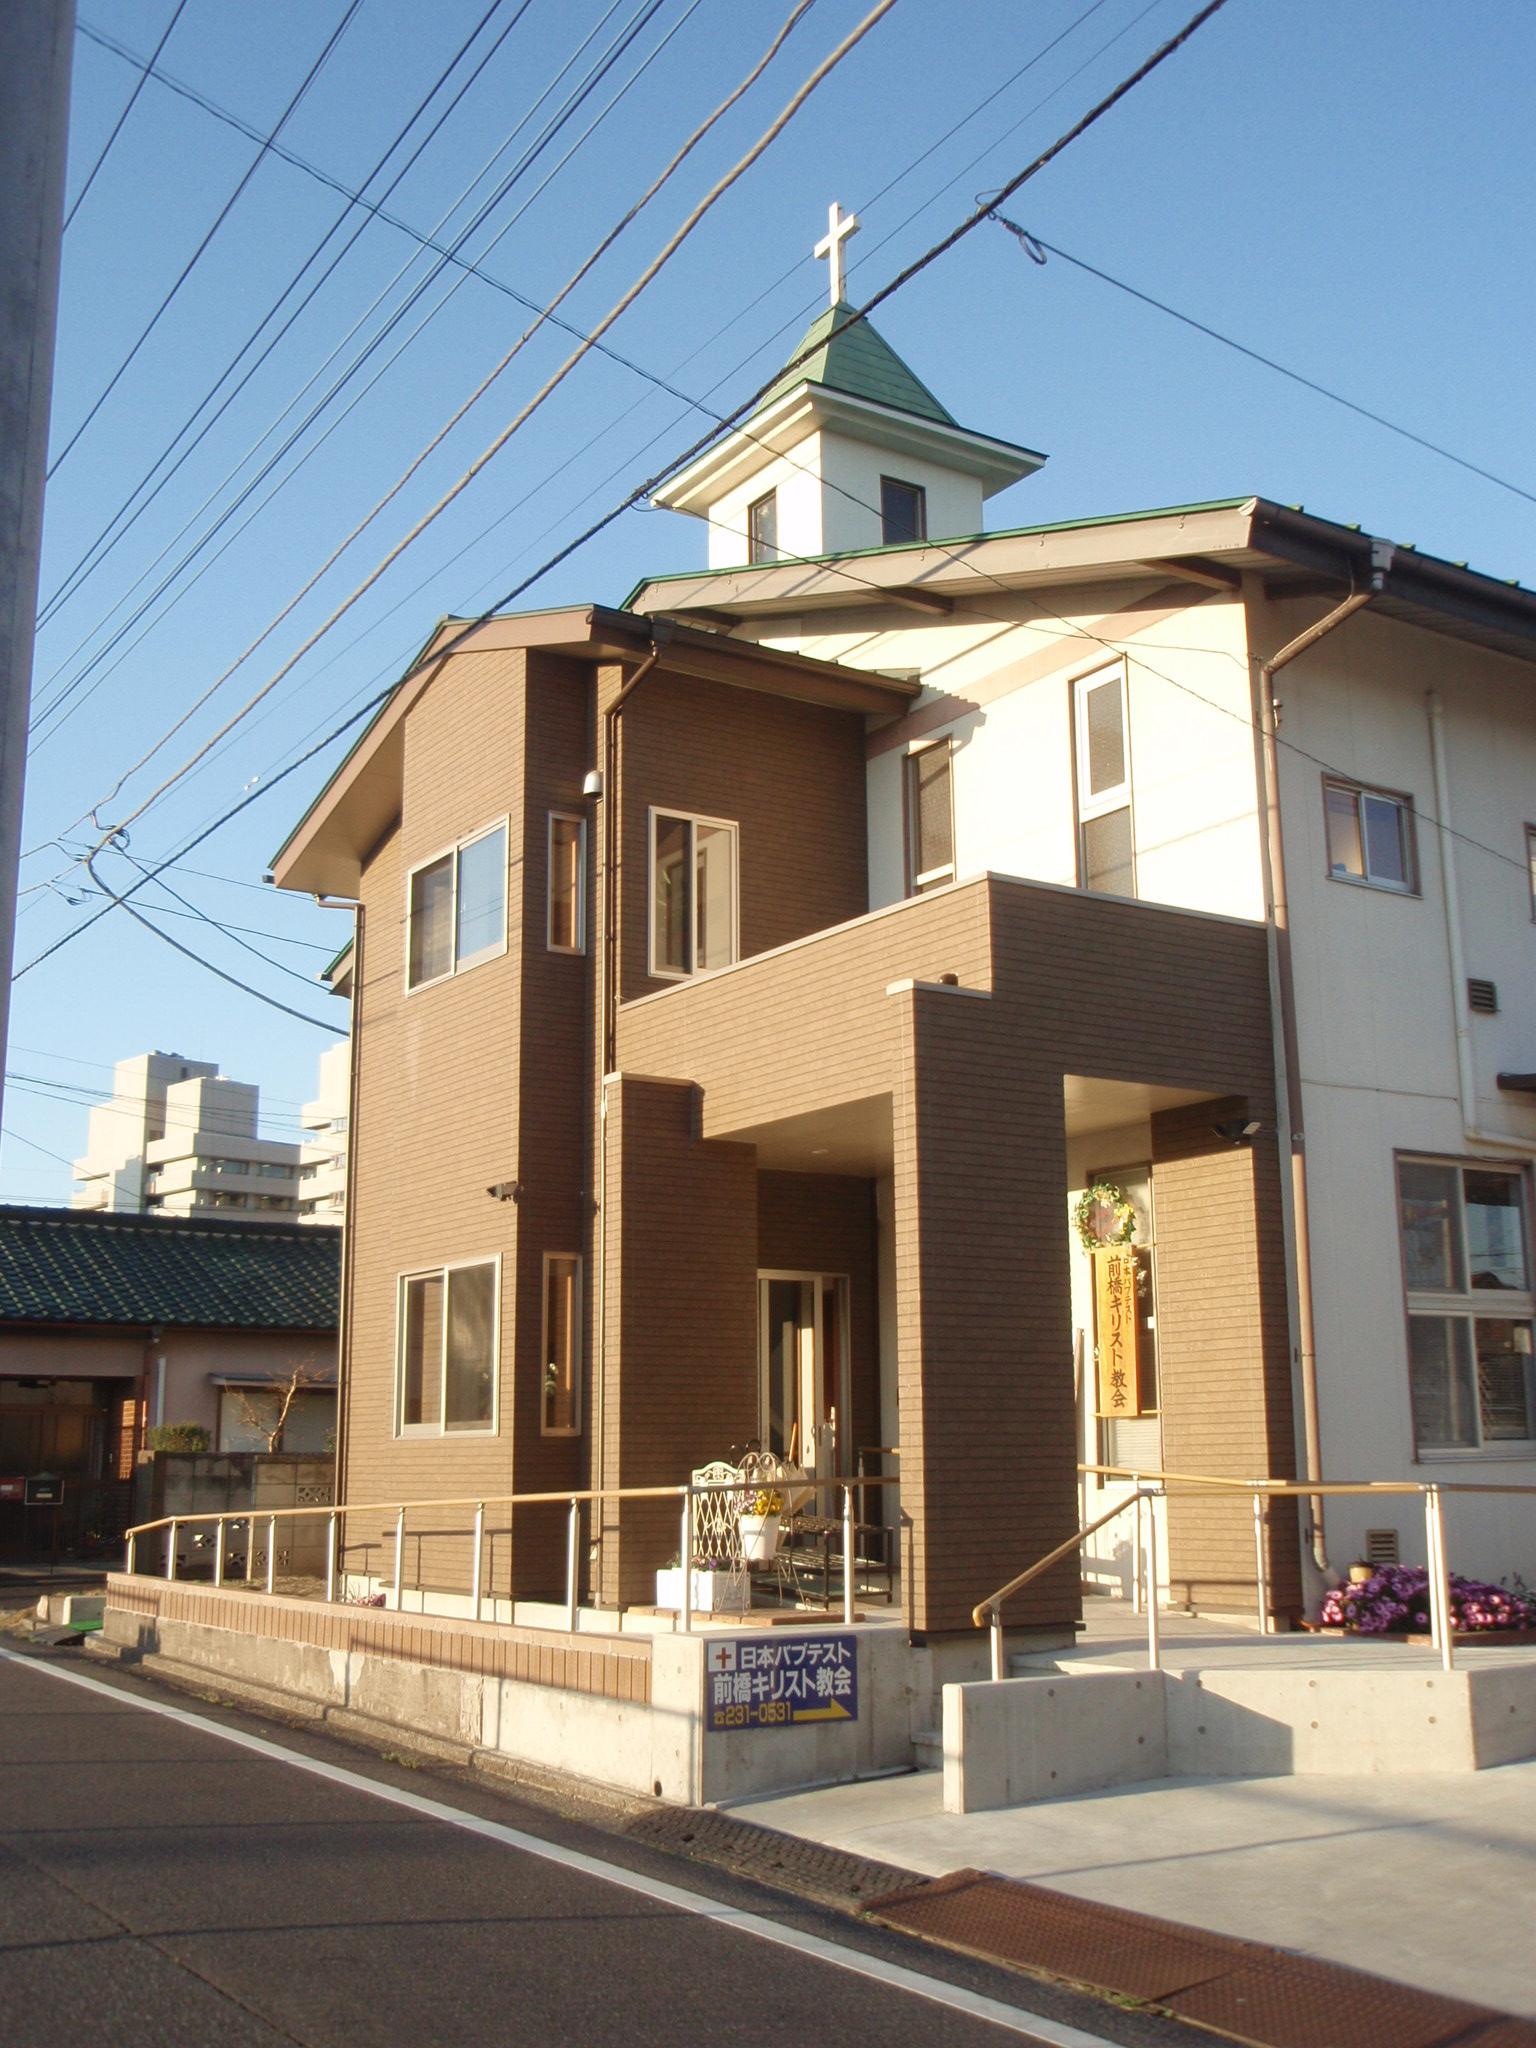 単立キリスト教会連盟 - Japanes...